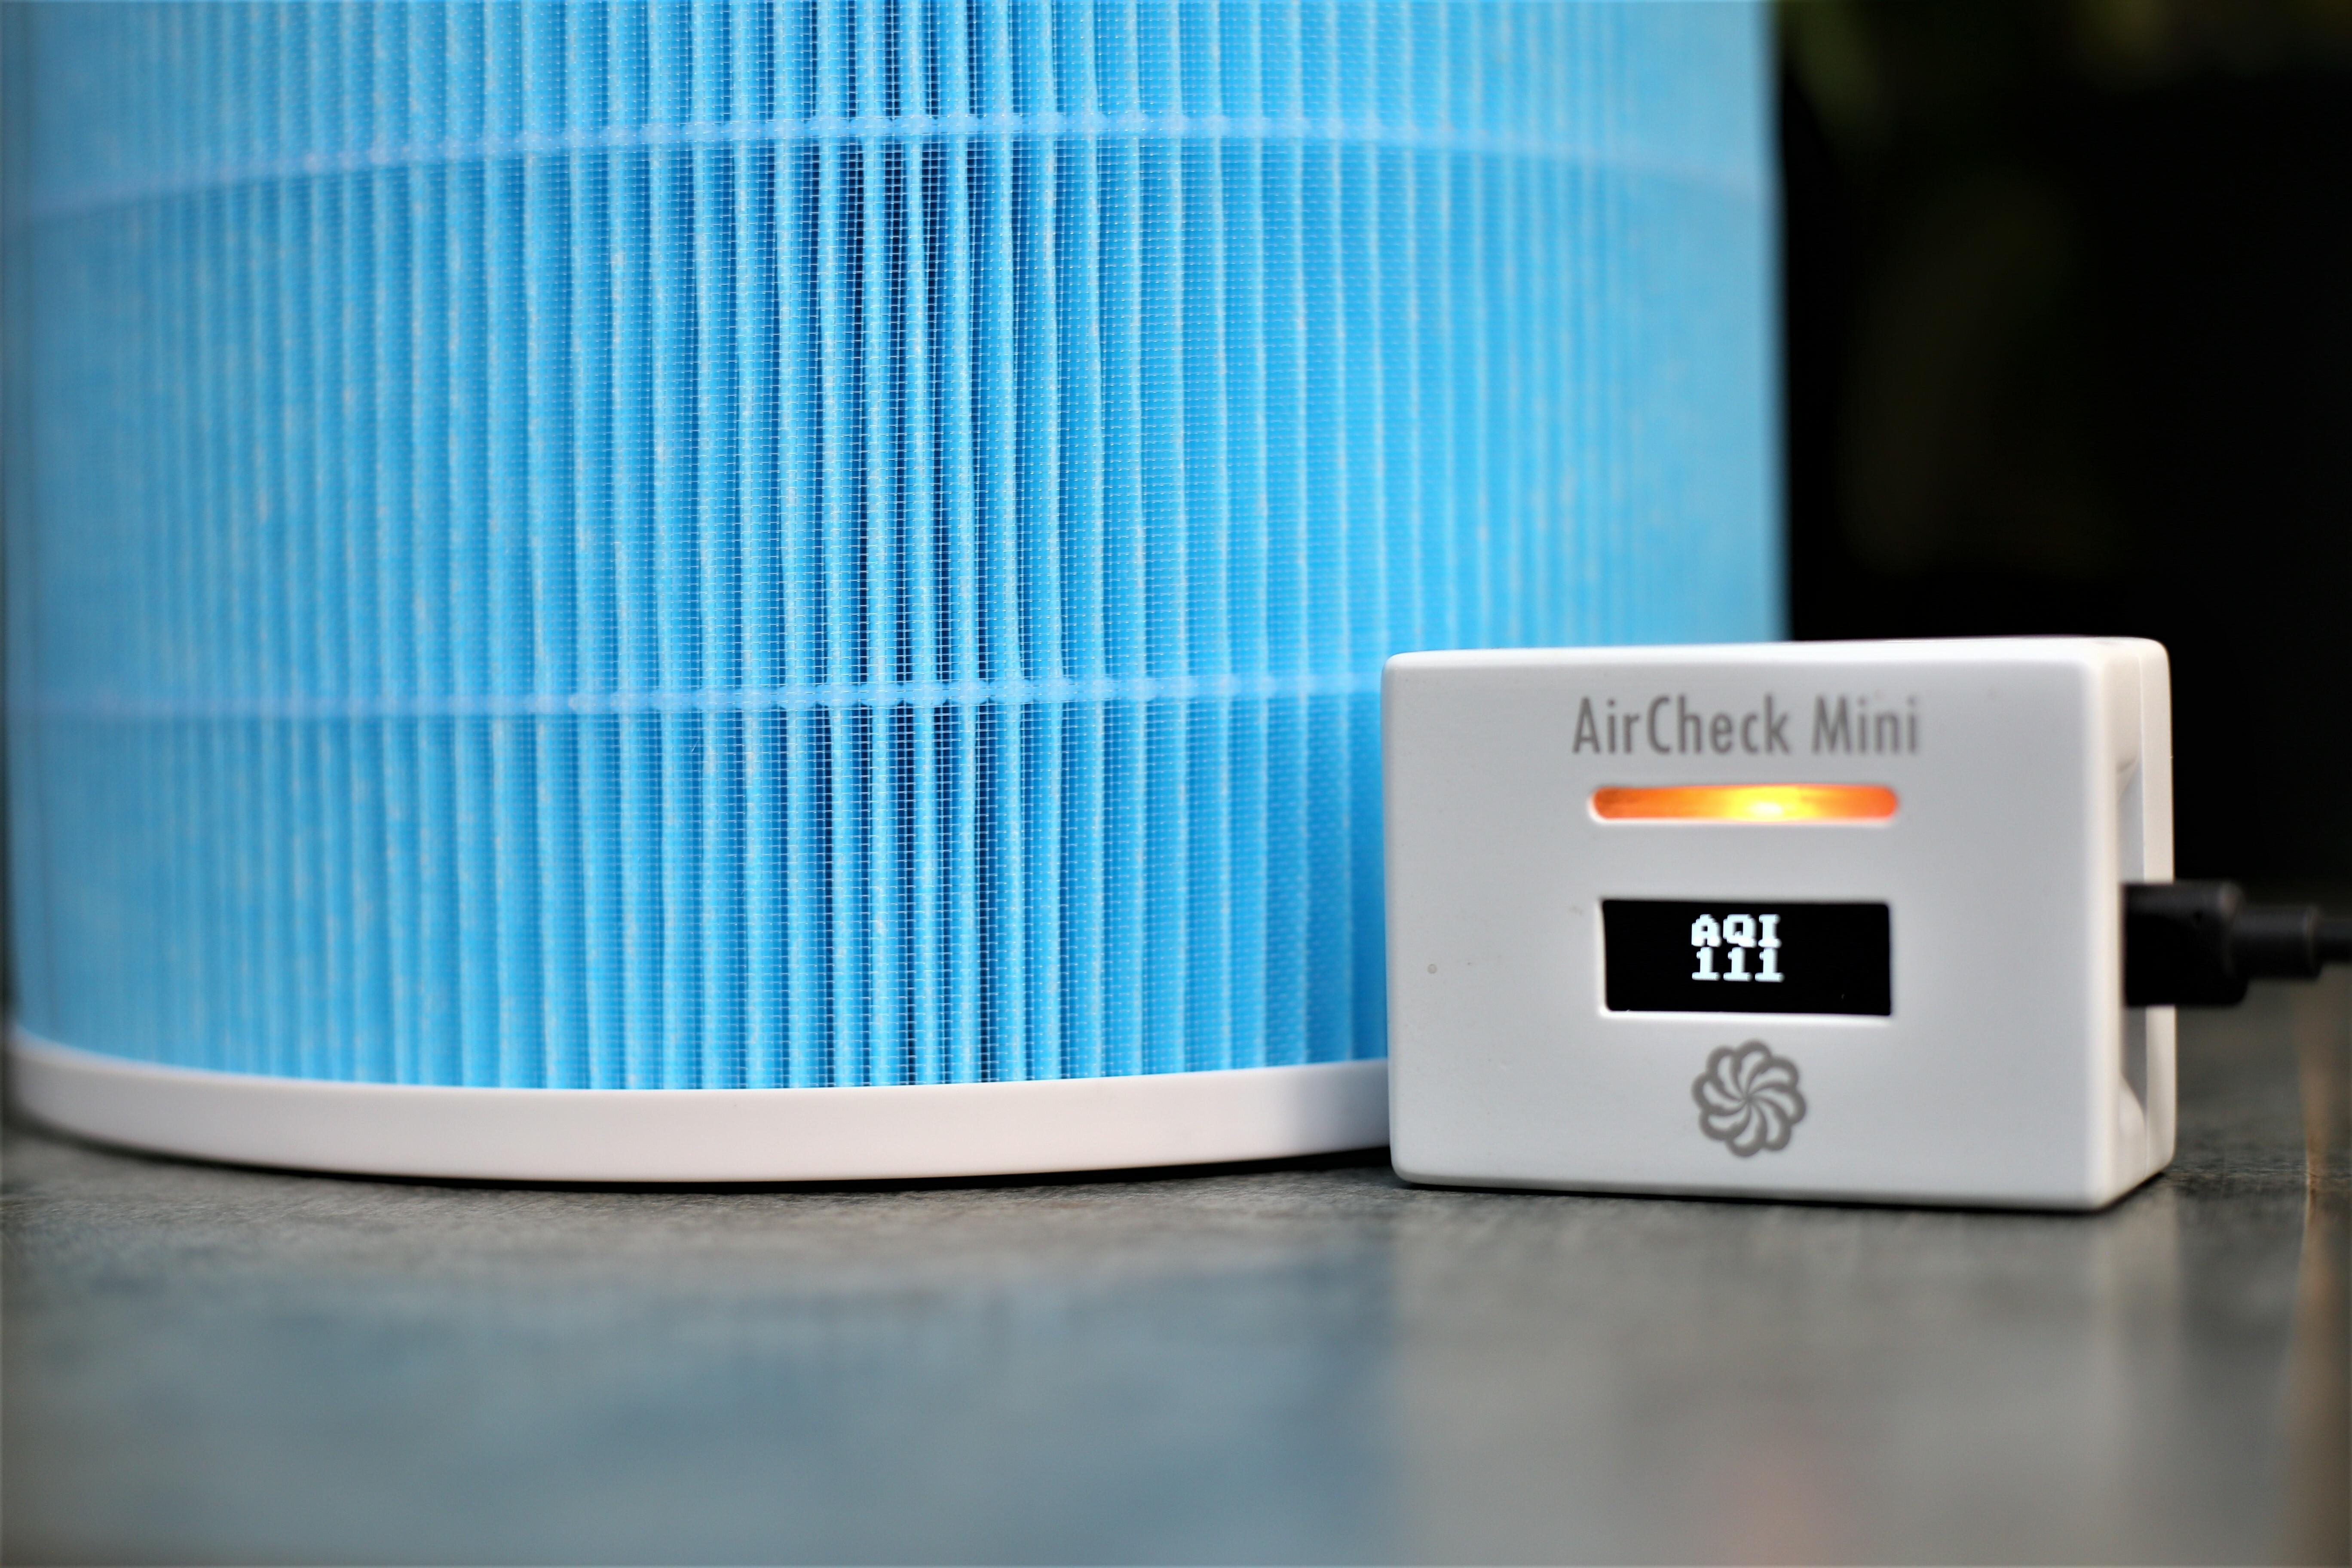 Air Check Mini